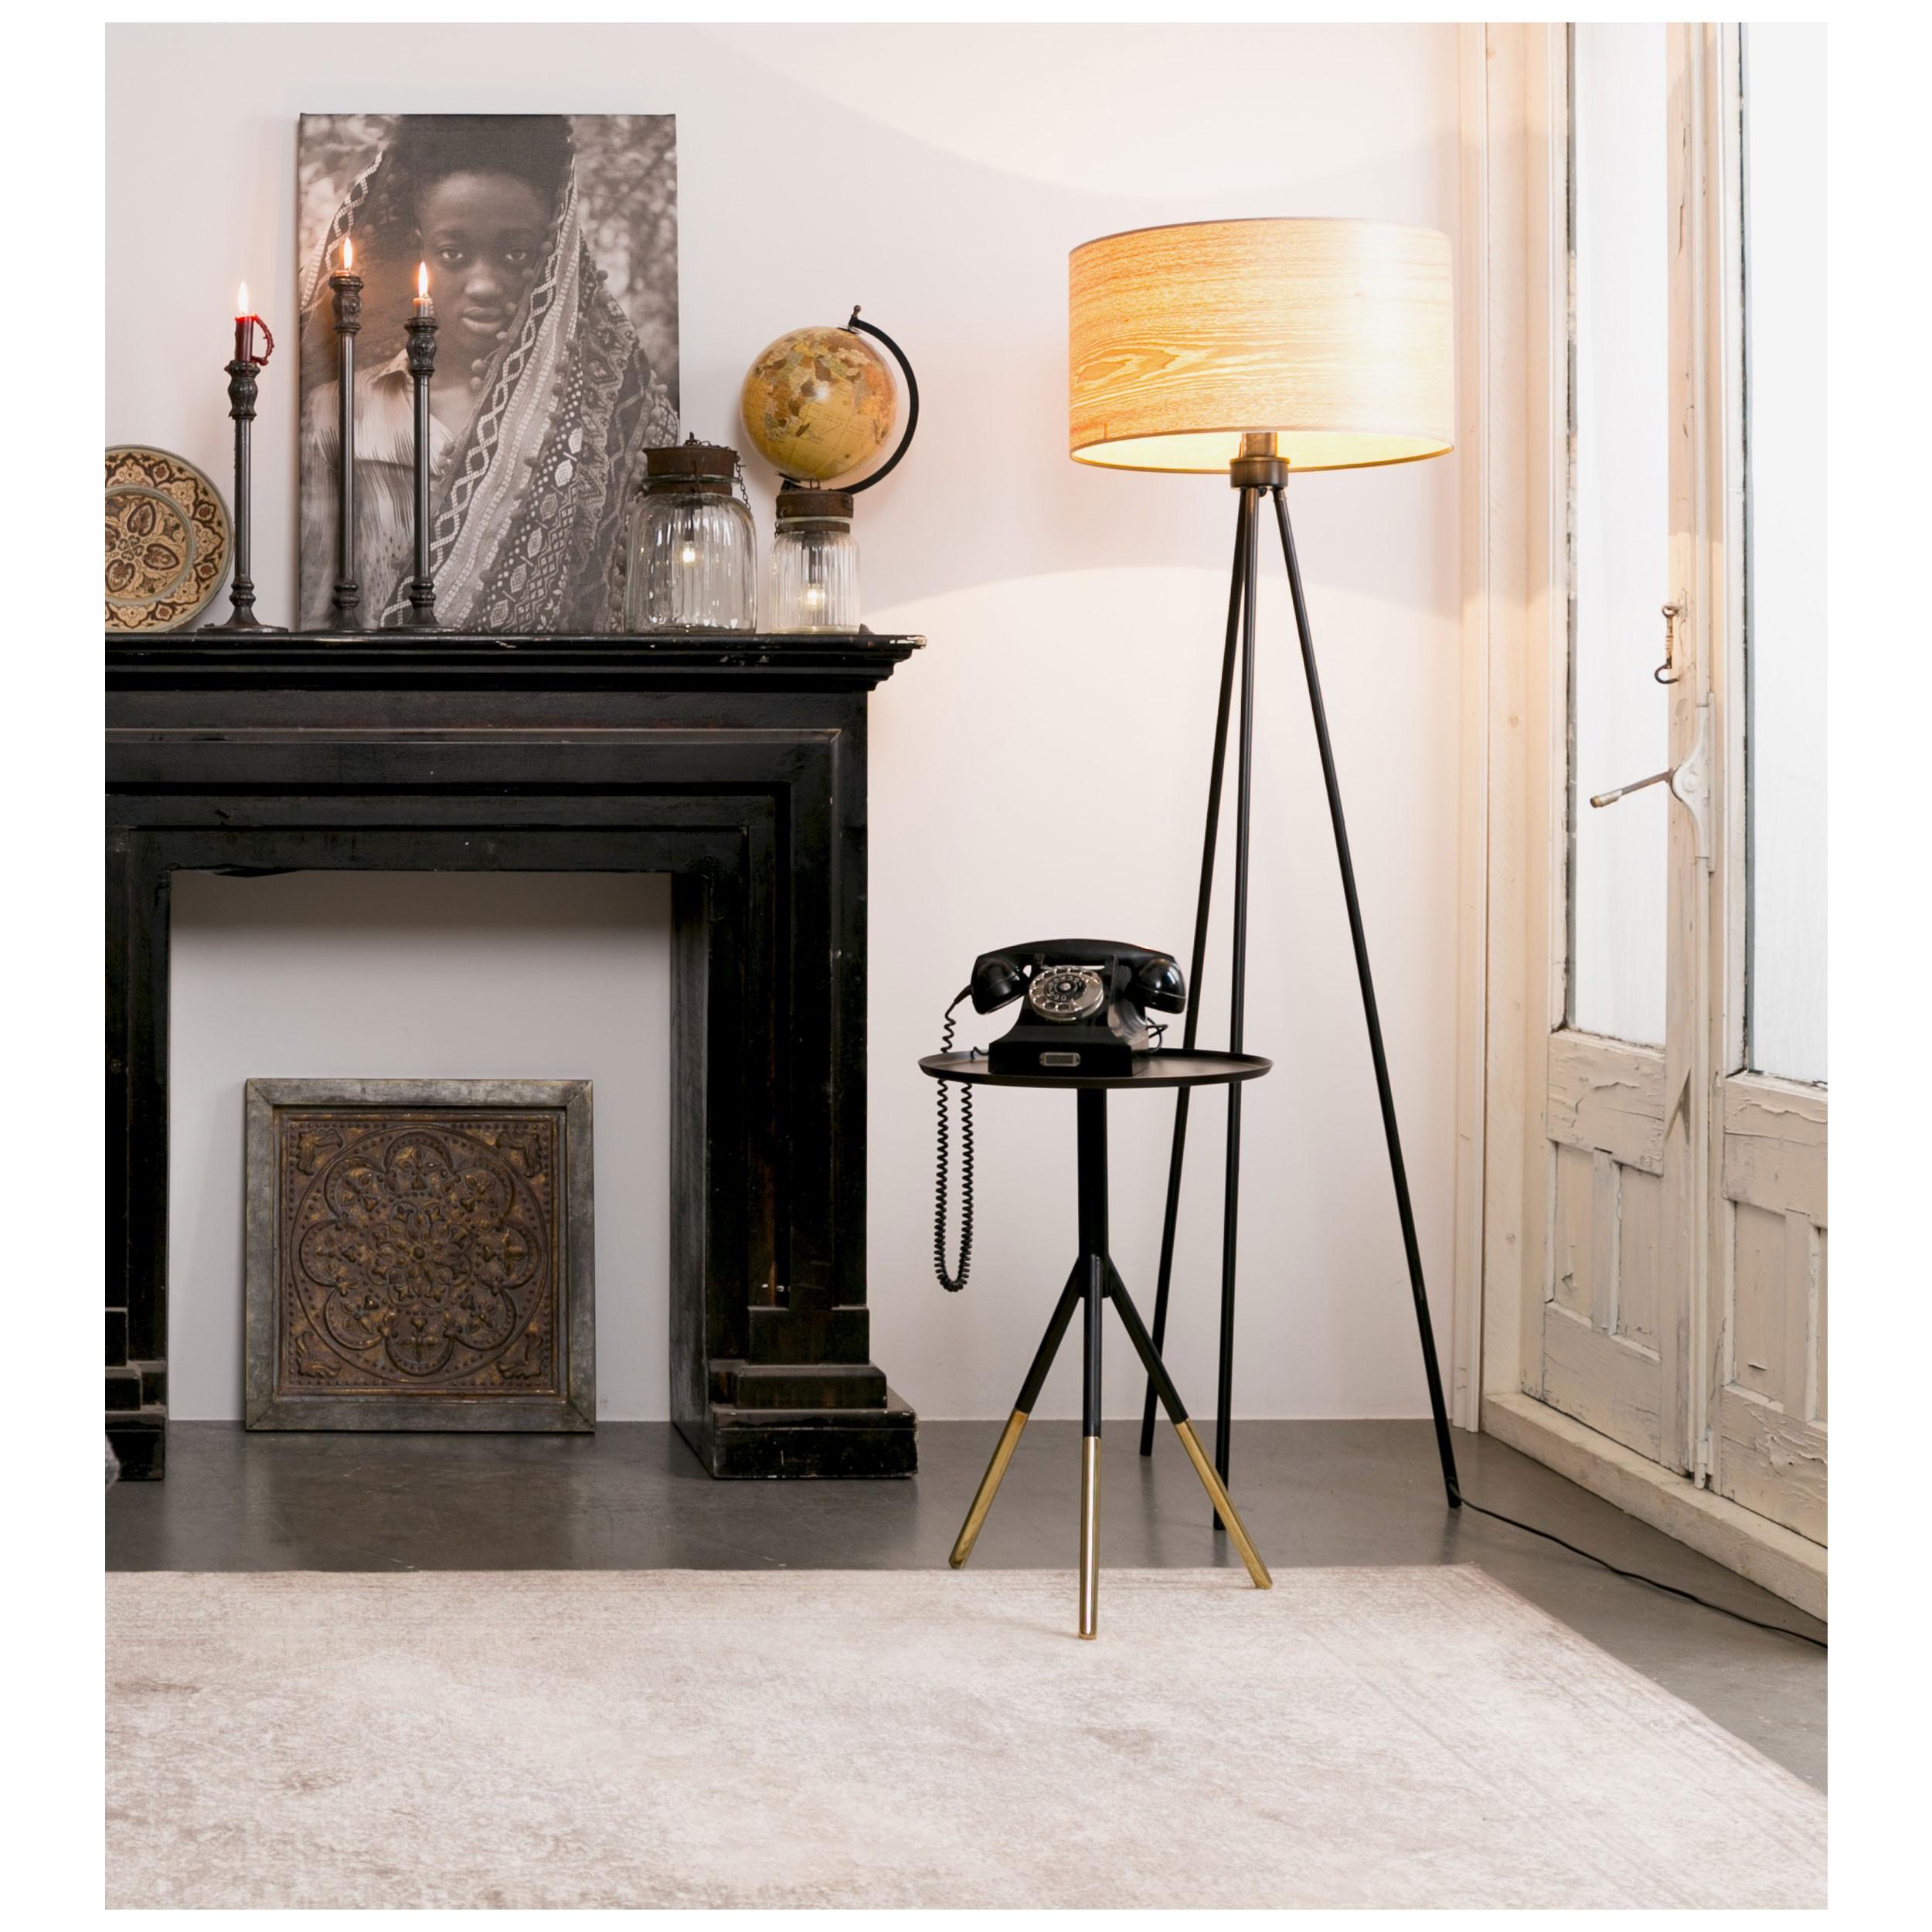 Table basse elia dutchbone choisissez nos tables basses elia design rendez vous d co - Table d appoint dore ...